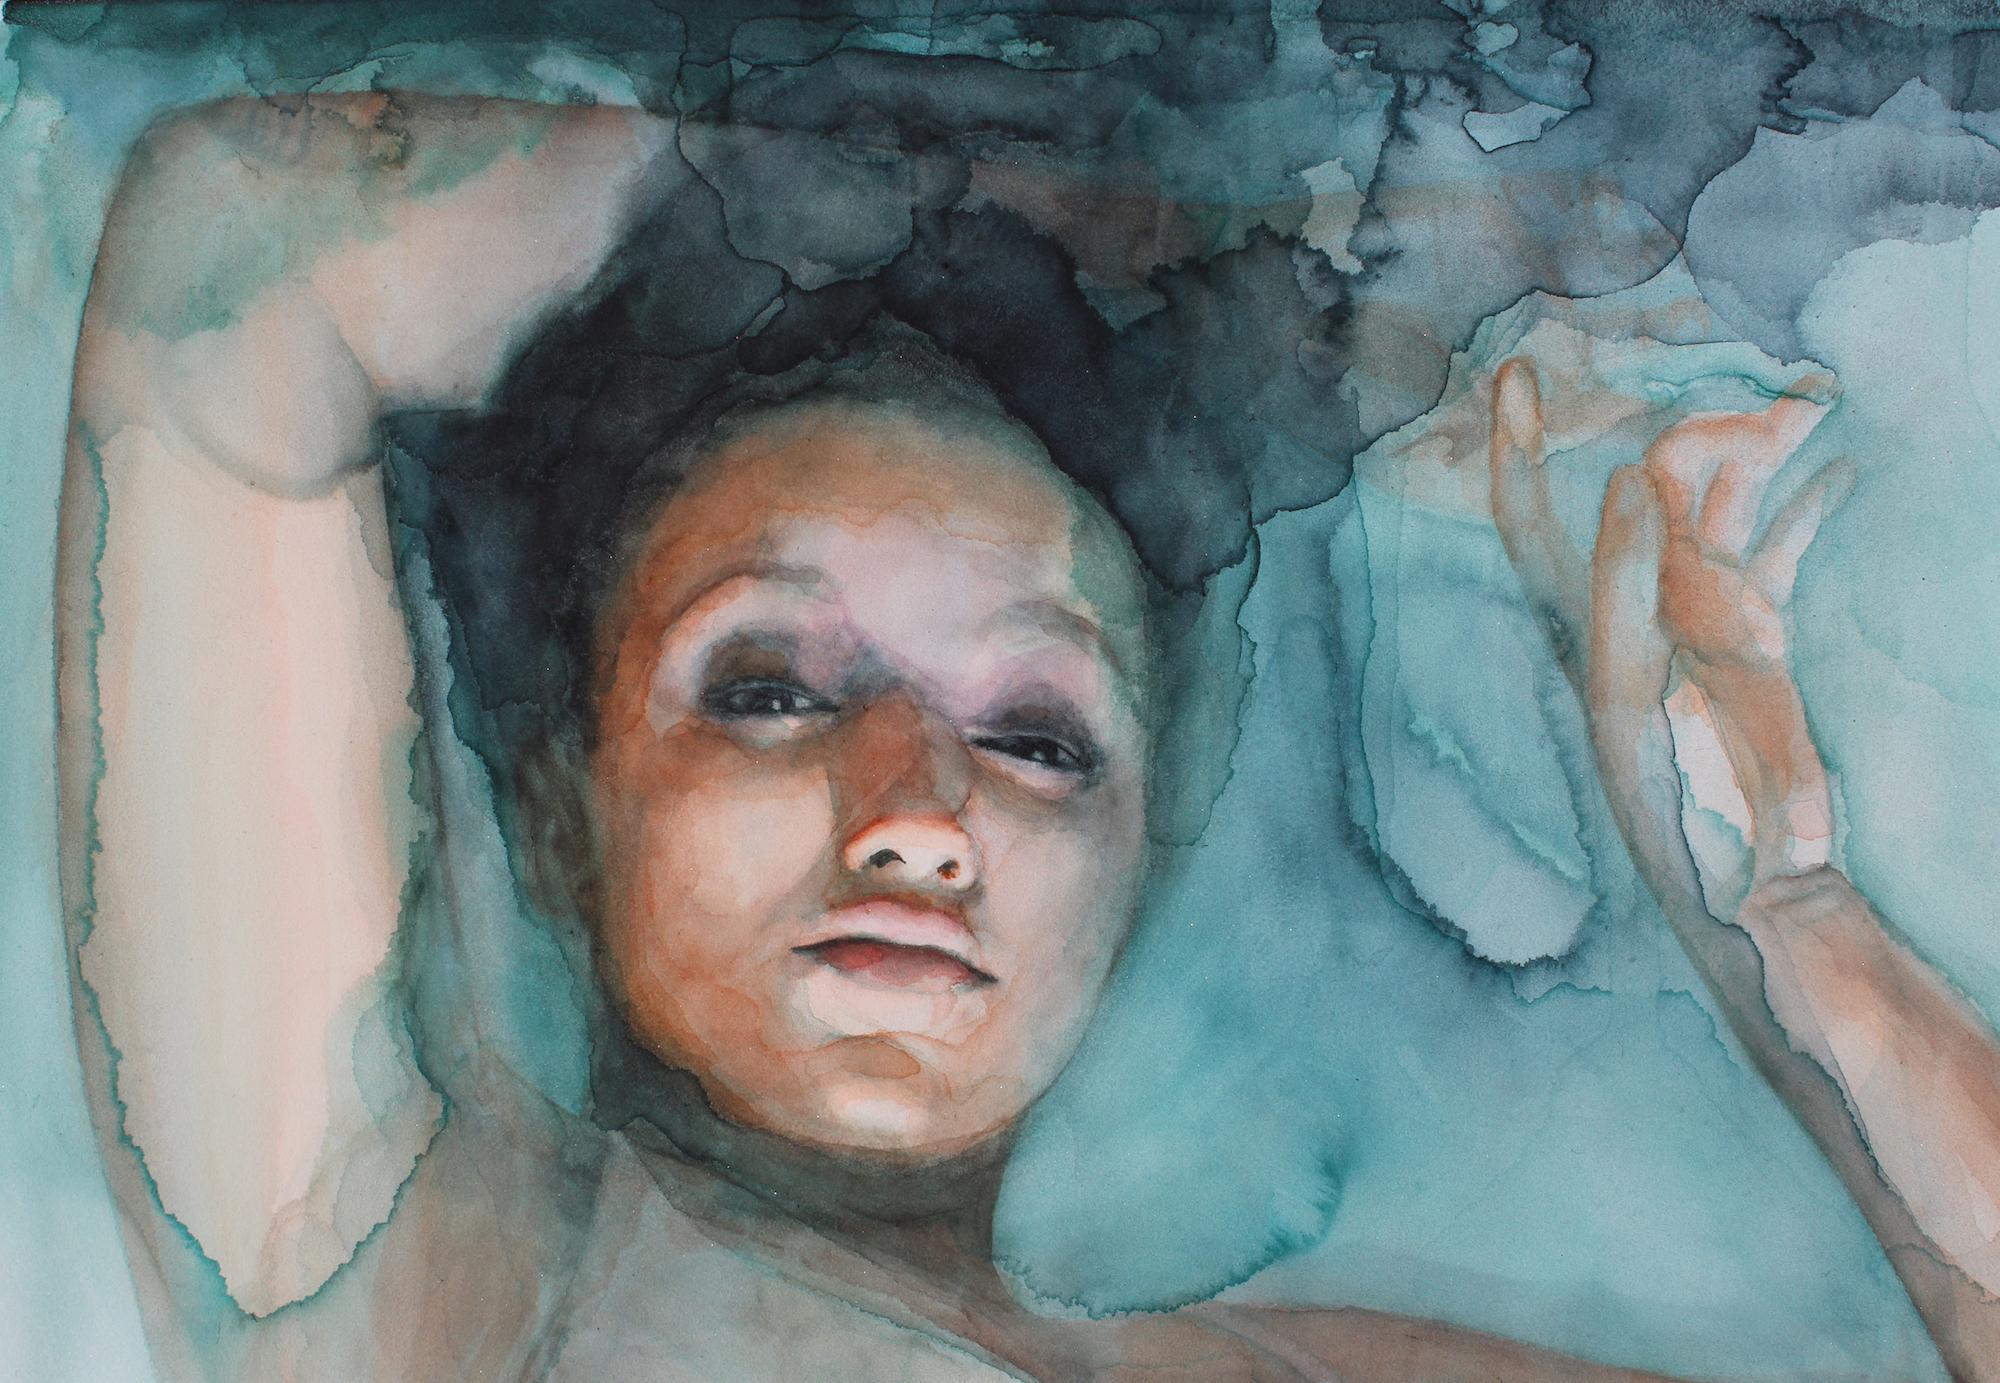 Gli acquerelli onirici di Ali Cavanaugh sono affreschi moderni | Collater.al 4